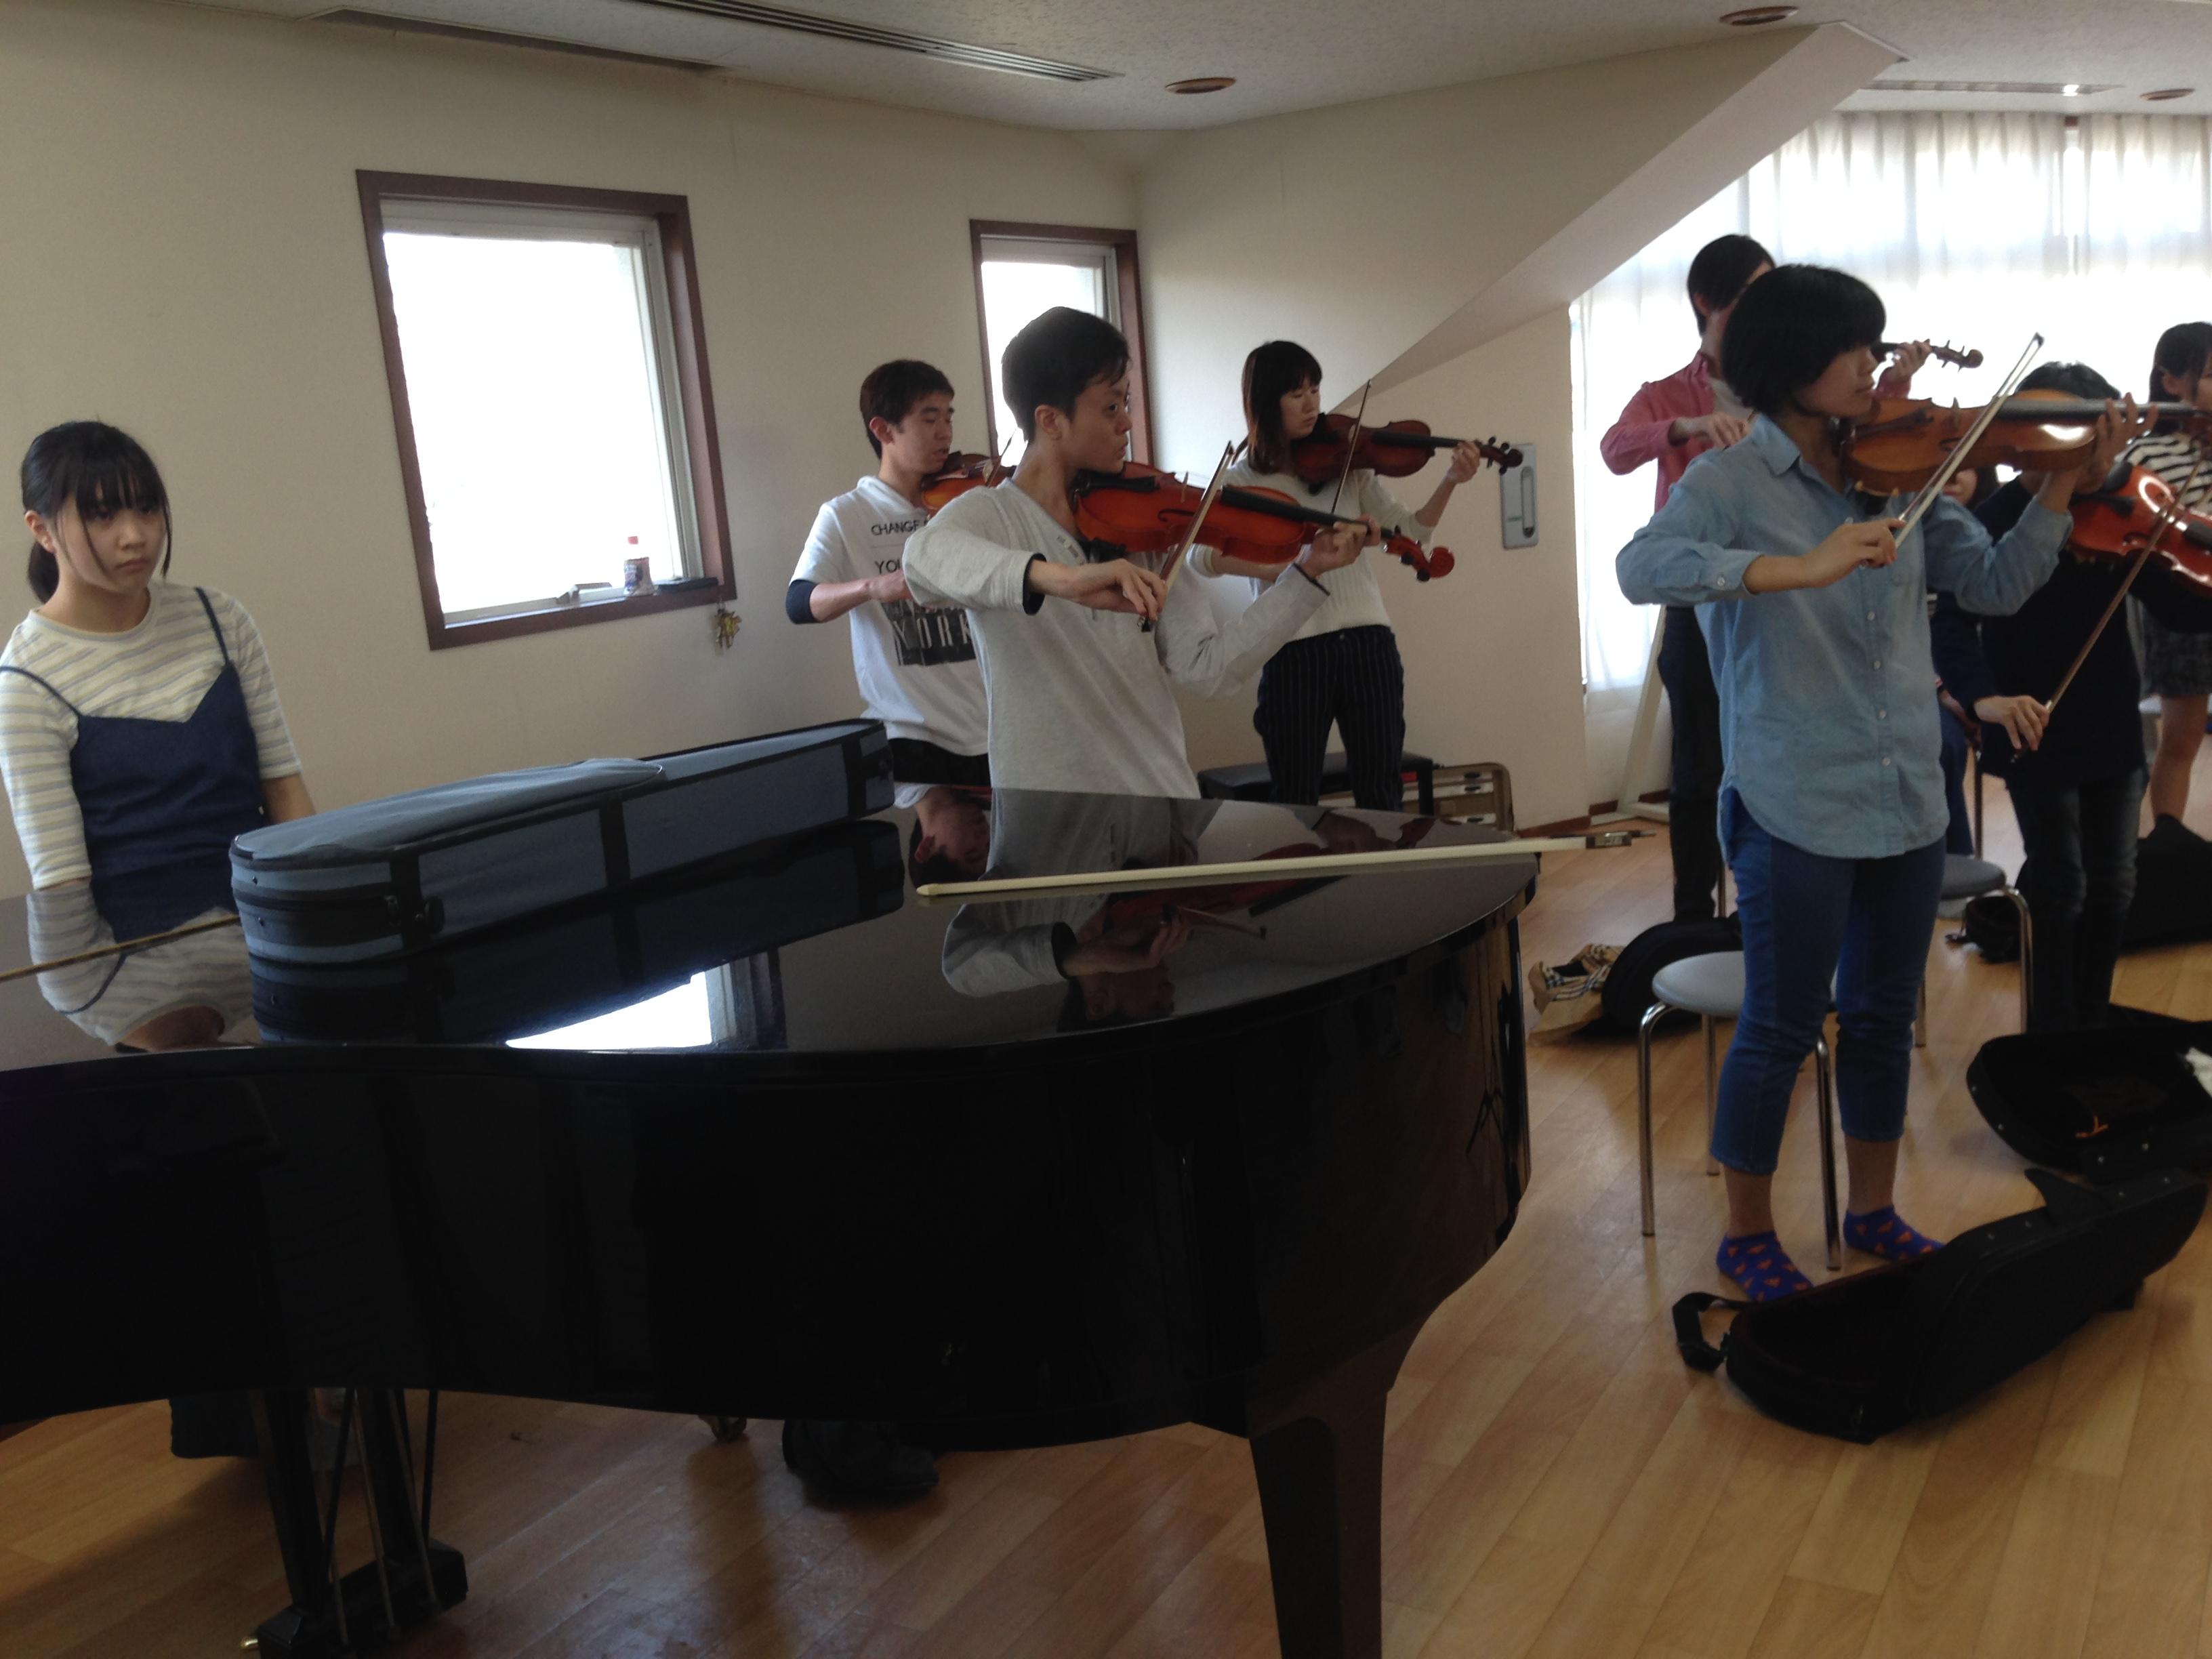 立って弦楽器を演奏する履修生達。